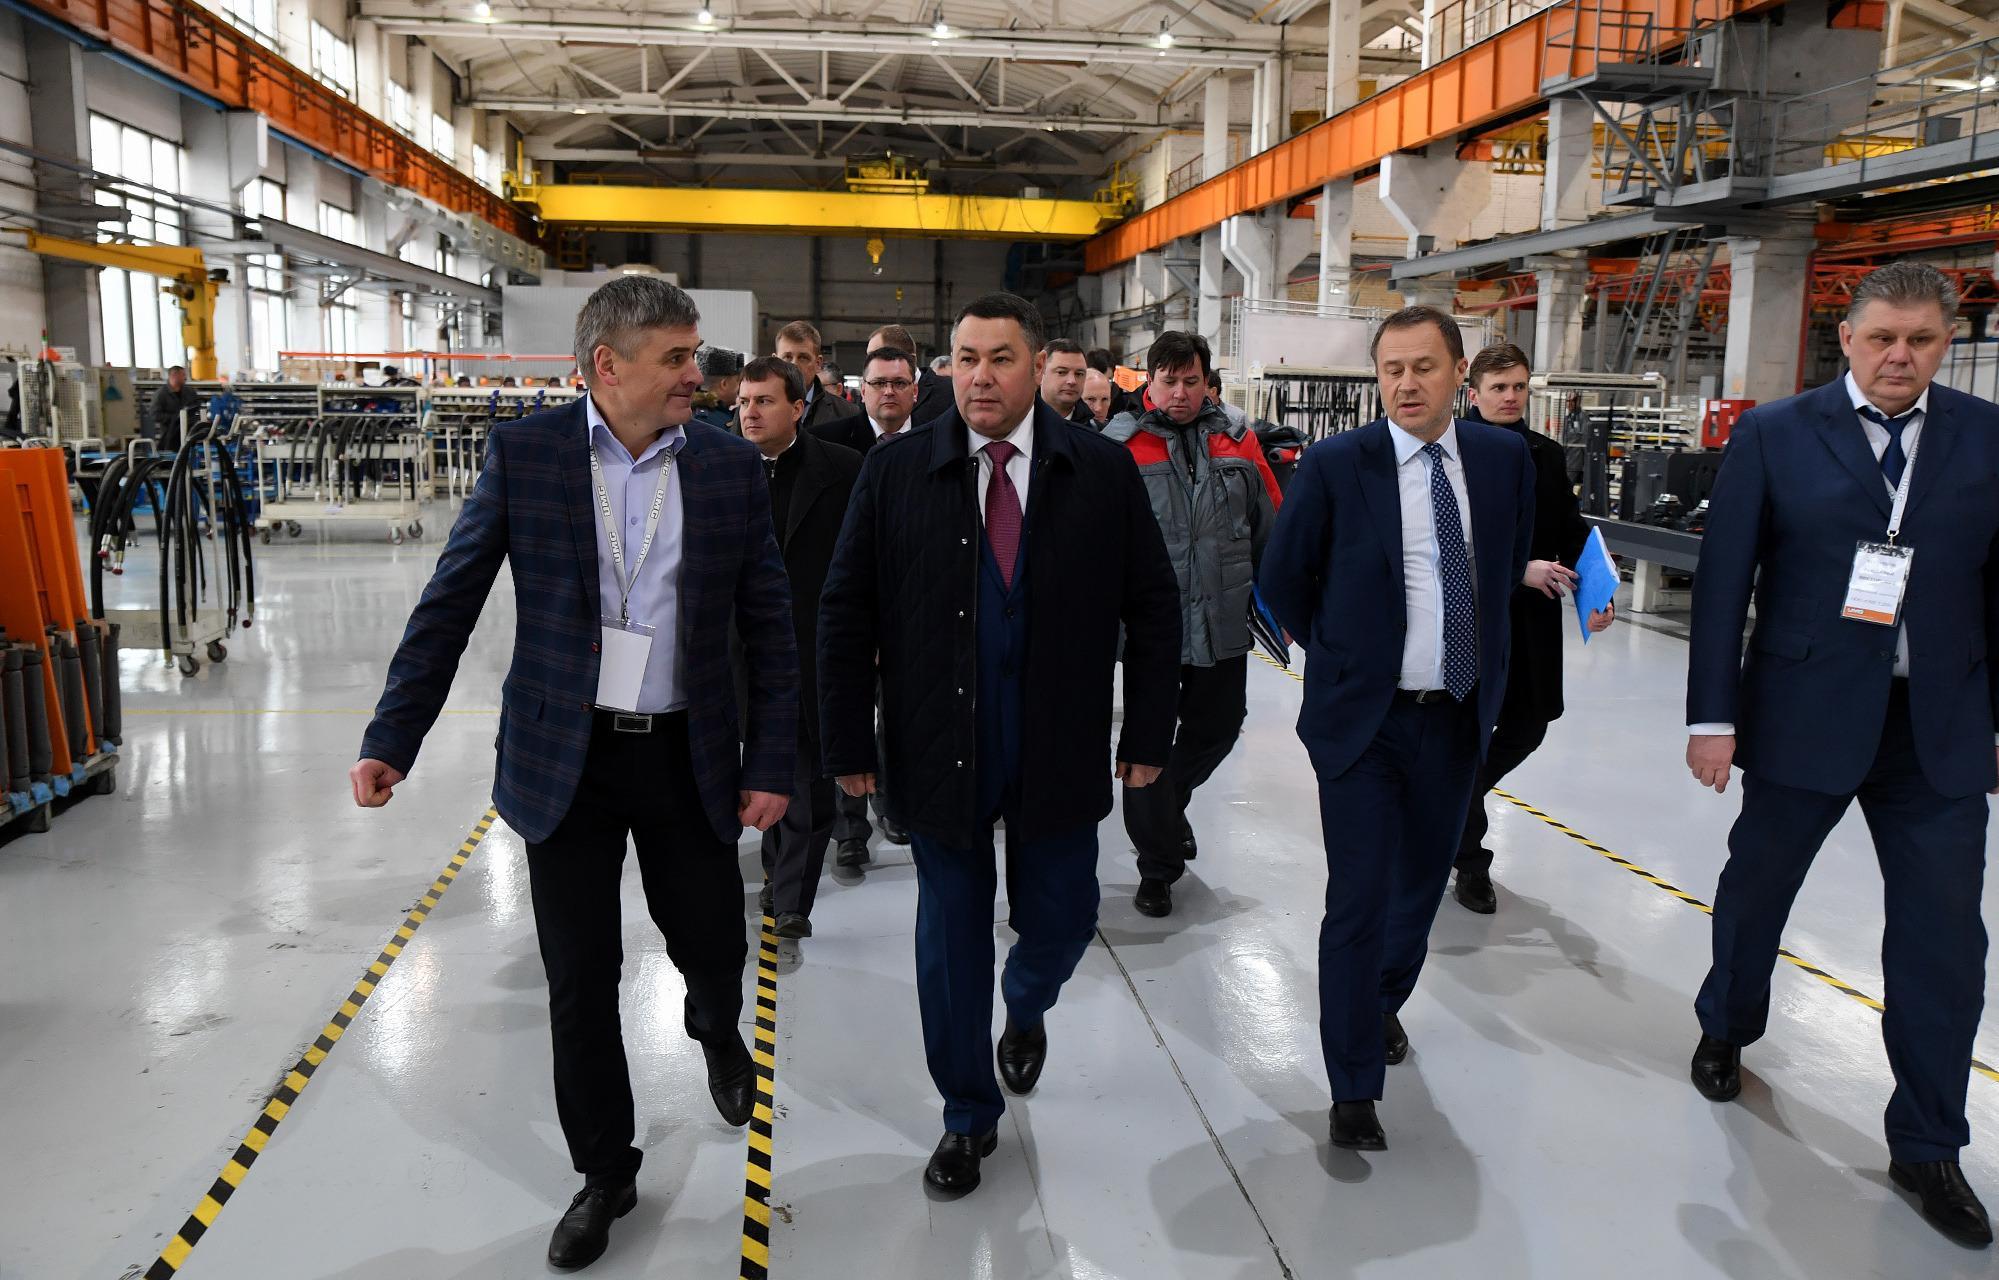 Тверская область оказалась в пятерке инвестиционно активных регионов ЦФО - новости Афанасий